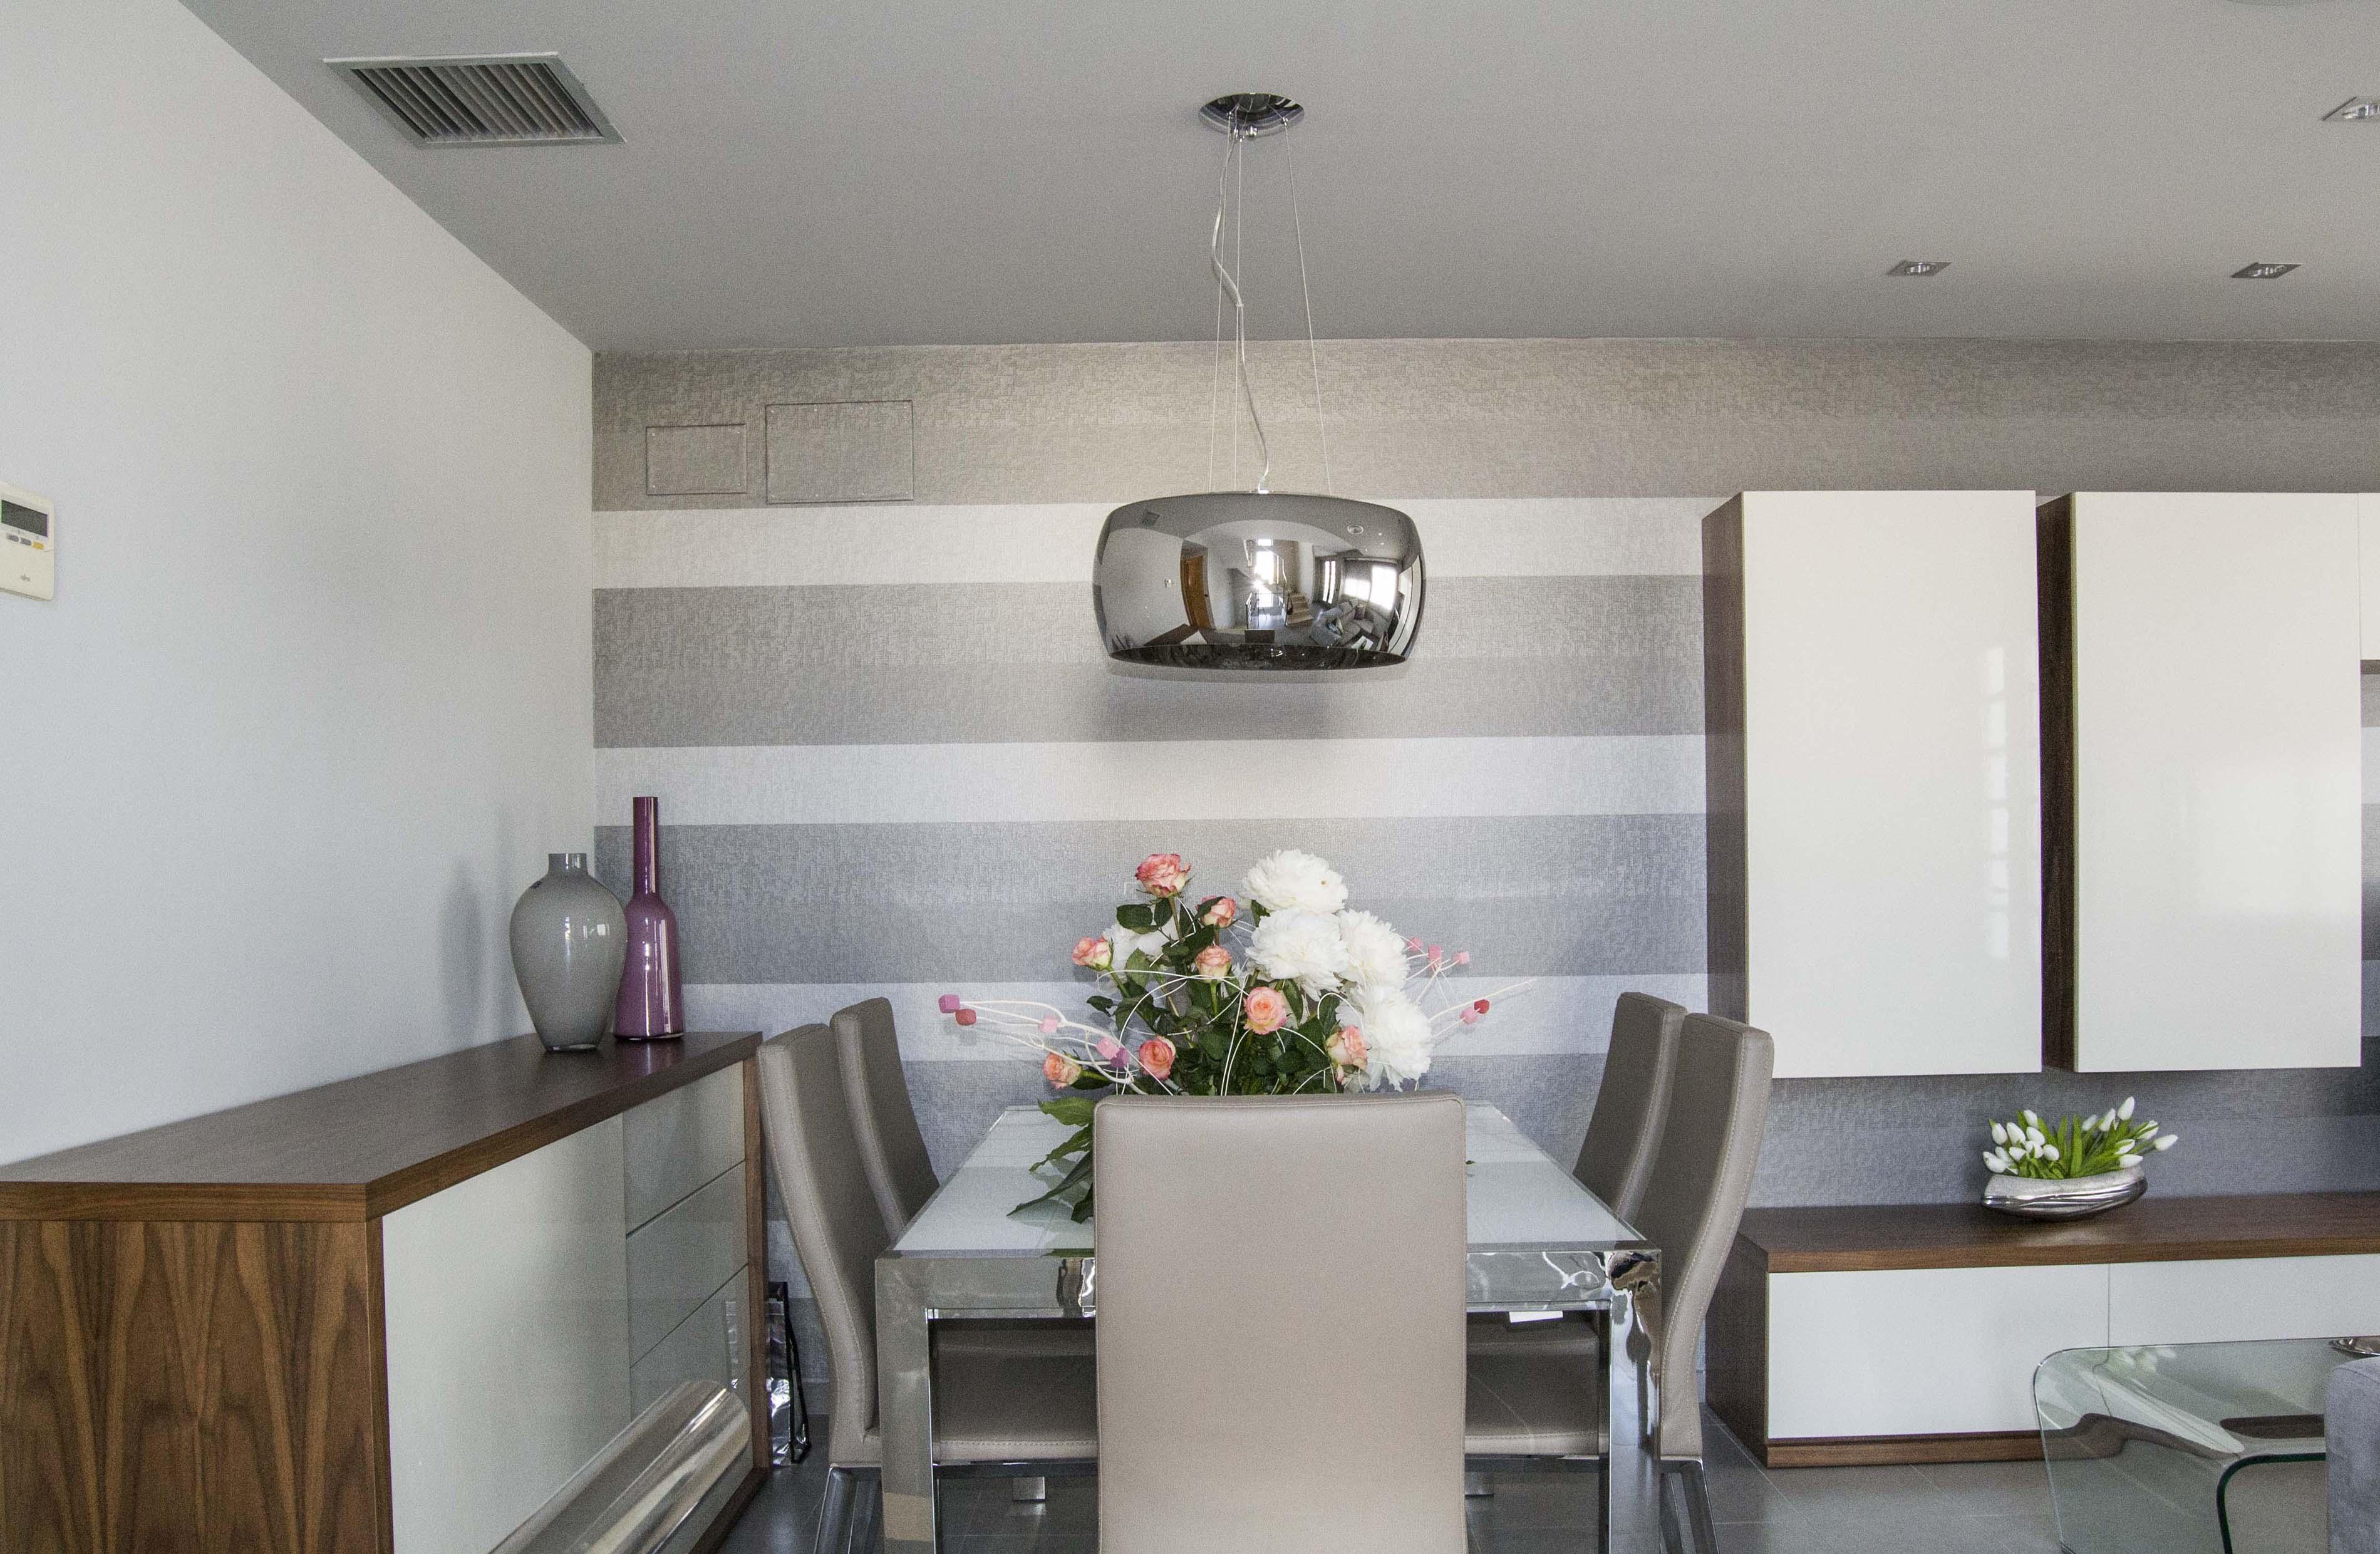 Como Limpiar Muebles Lacados En Blanco Elegant With Como Limpiar  ~ Limpiar Mueble Lacado Blanco Amarillento